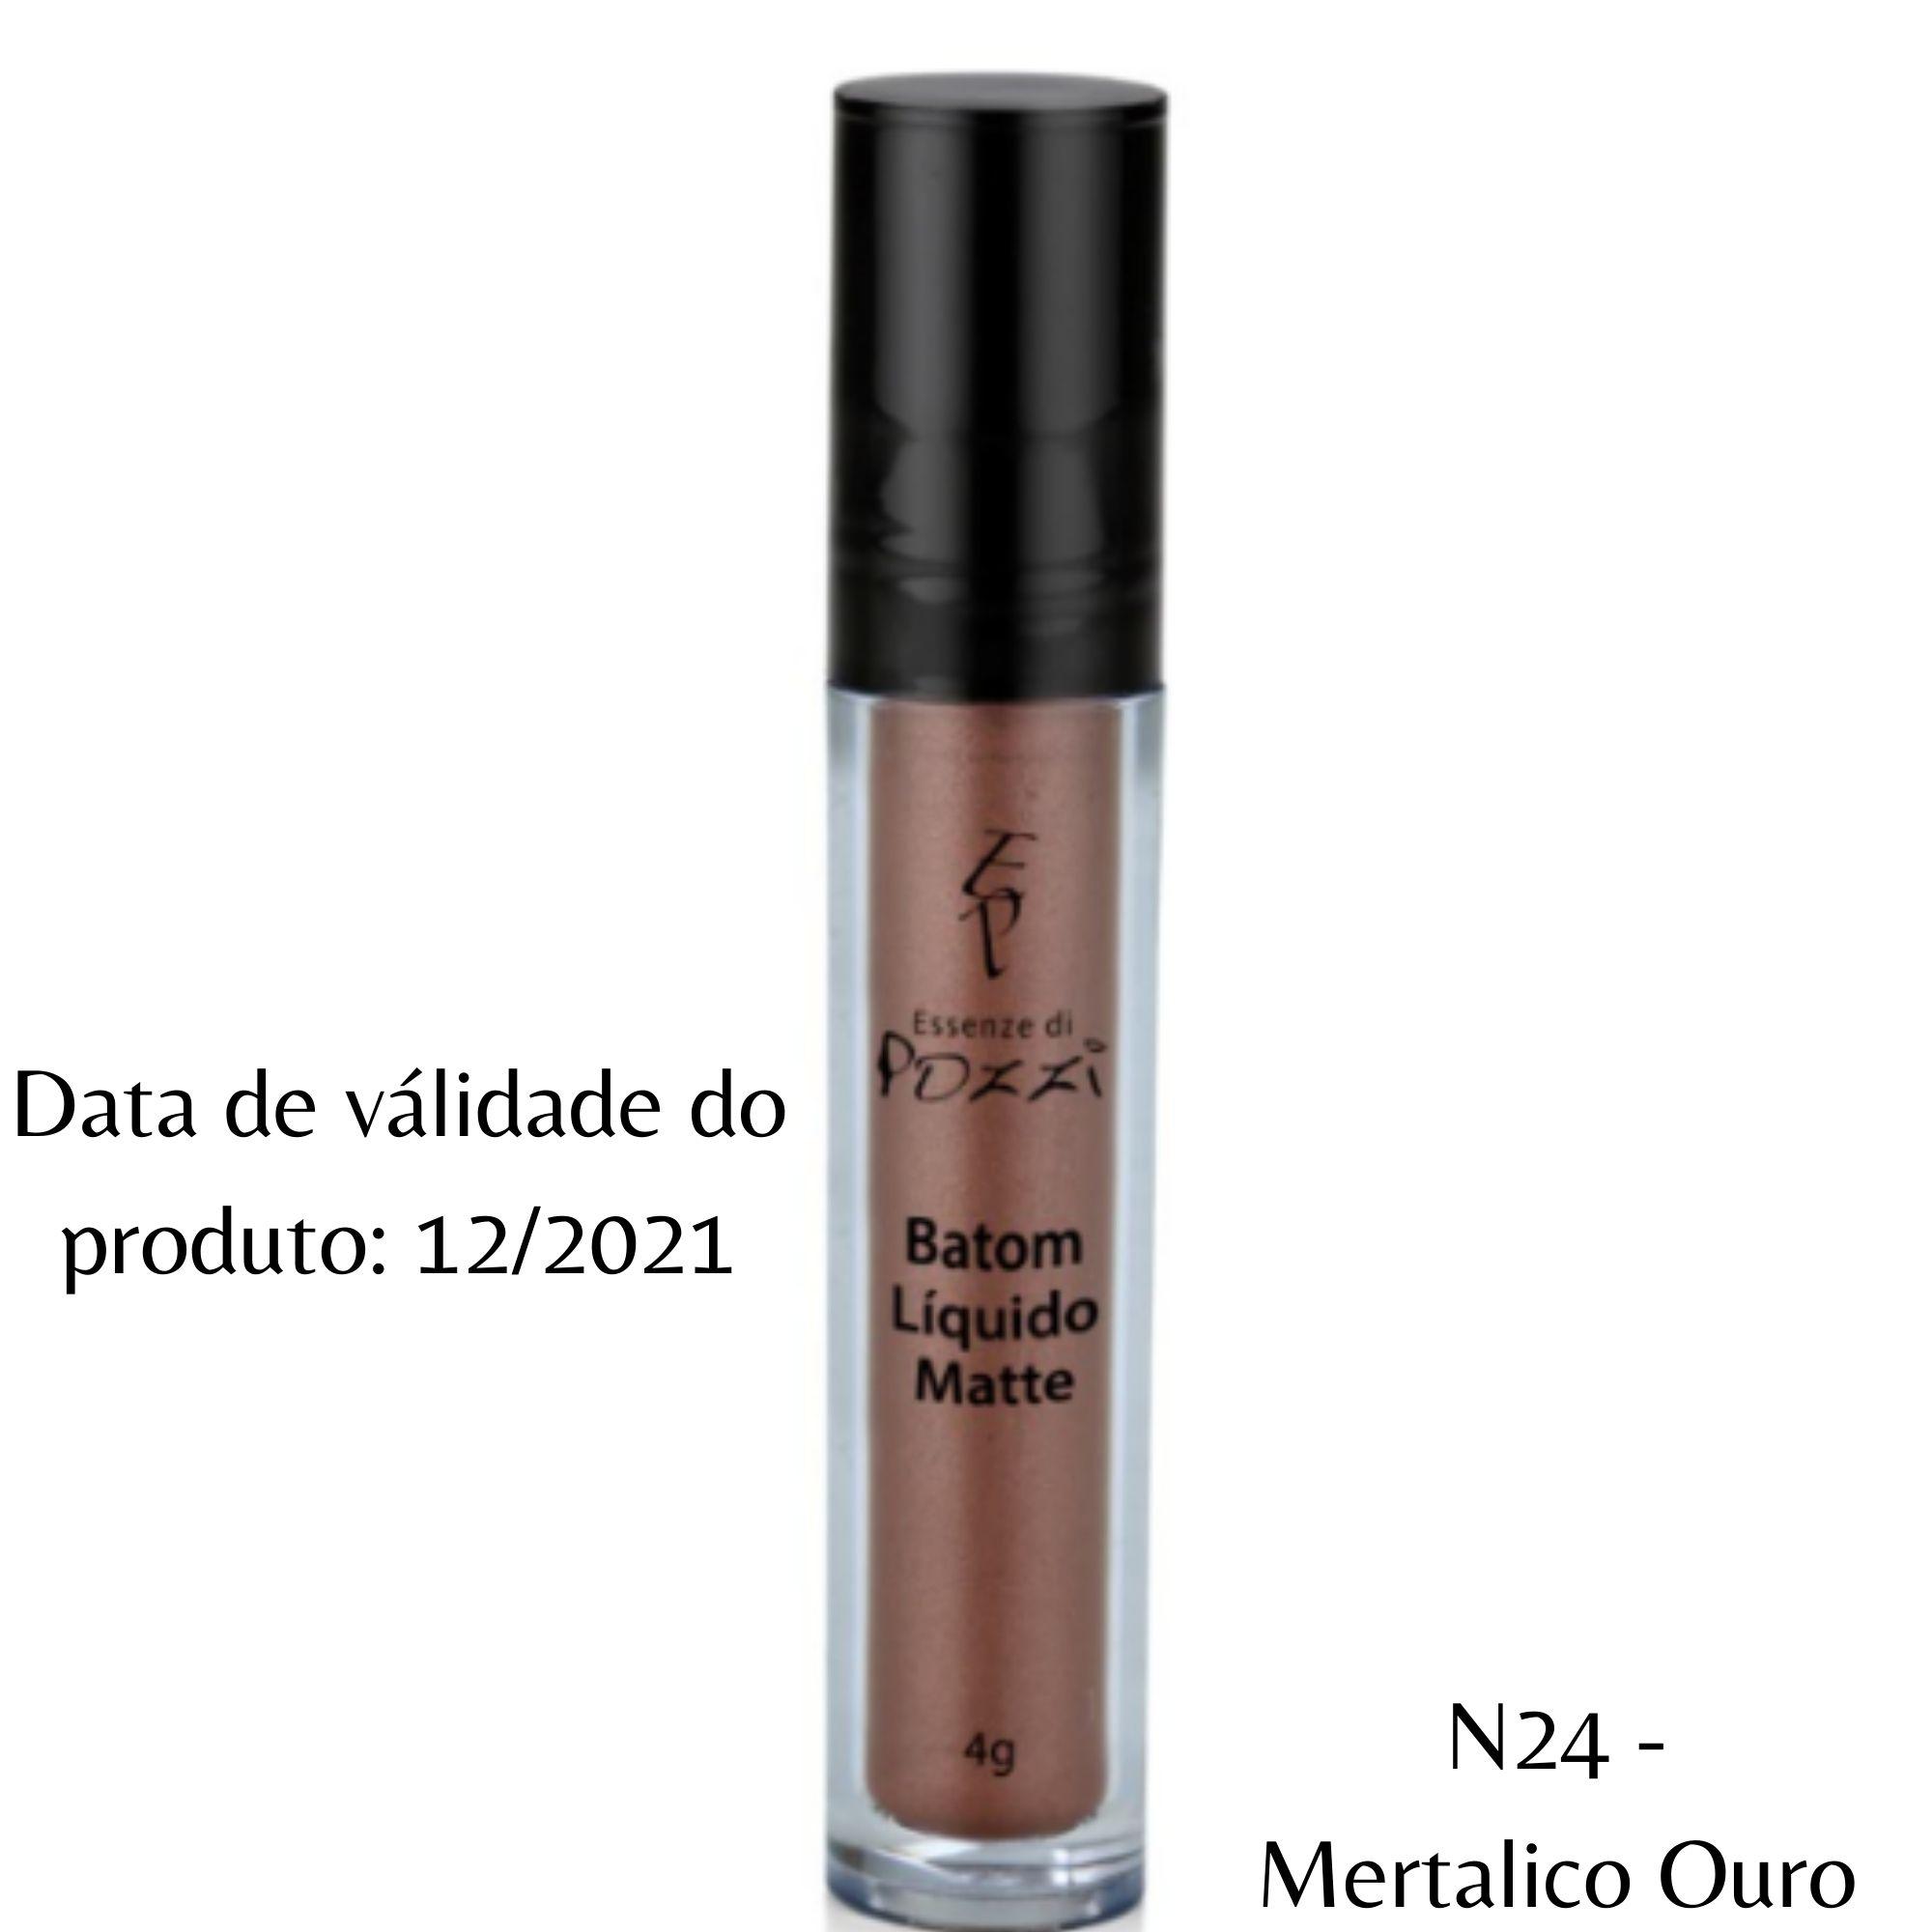 Pozzi - Batom Liquido Matte N° 24 Mertalico Ouro - Válidade 12/2021